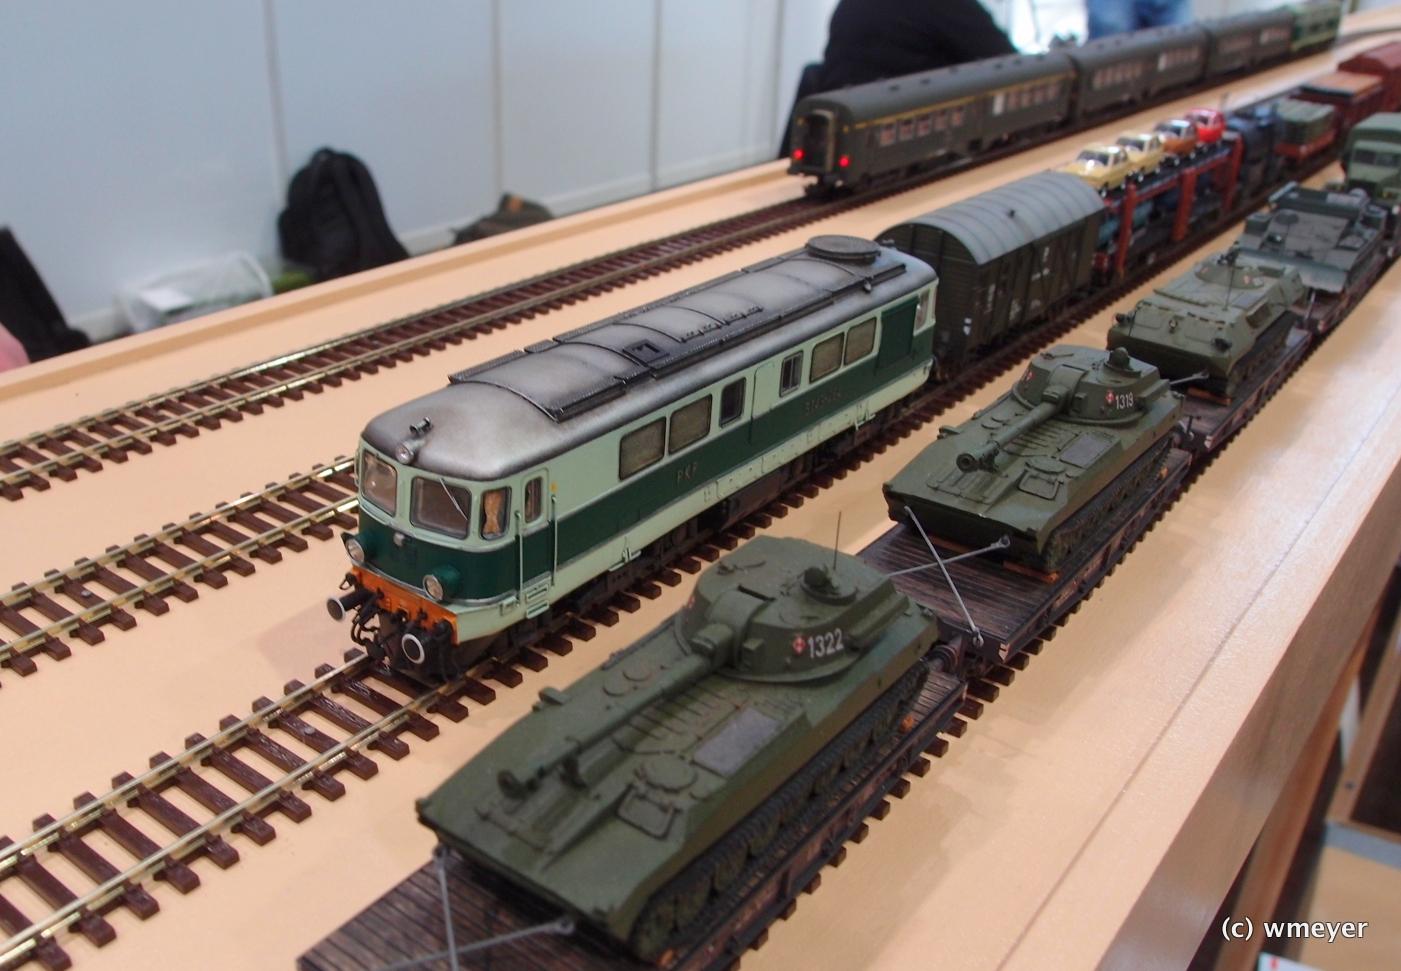 Mein Favorit: polnischer Bahnhof, Fahrzeuge im fiddleyard